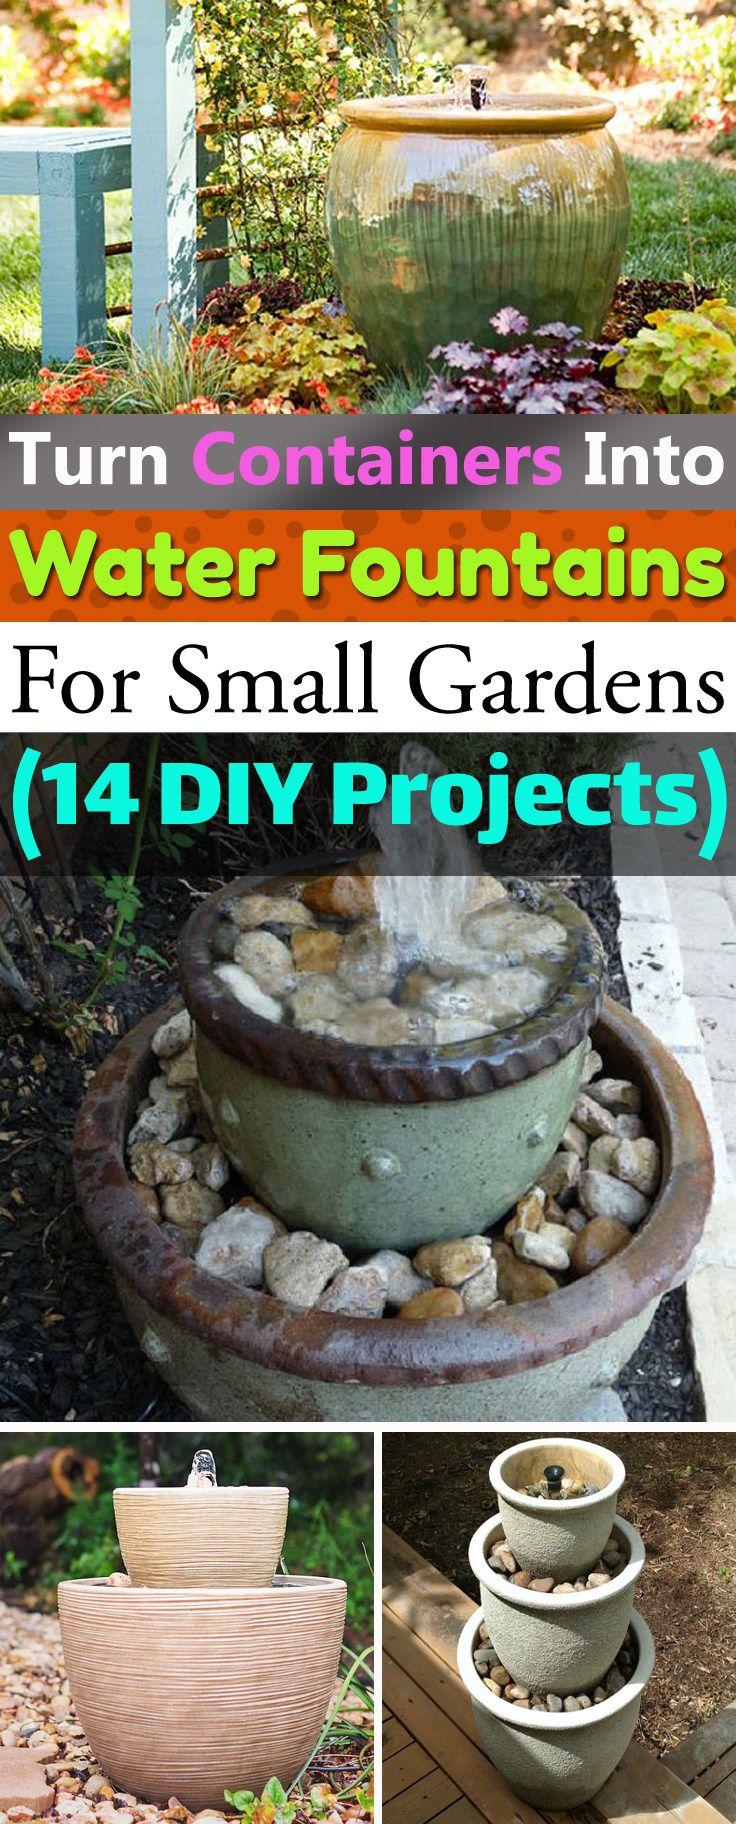 27++ Diy water fountain ideas ideas in 2021